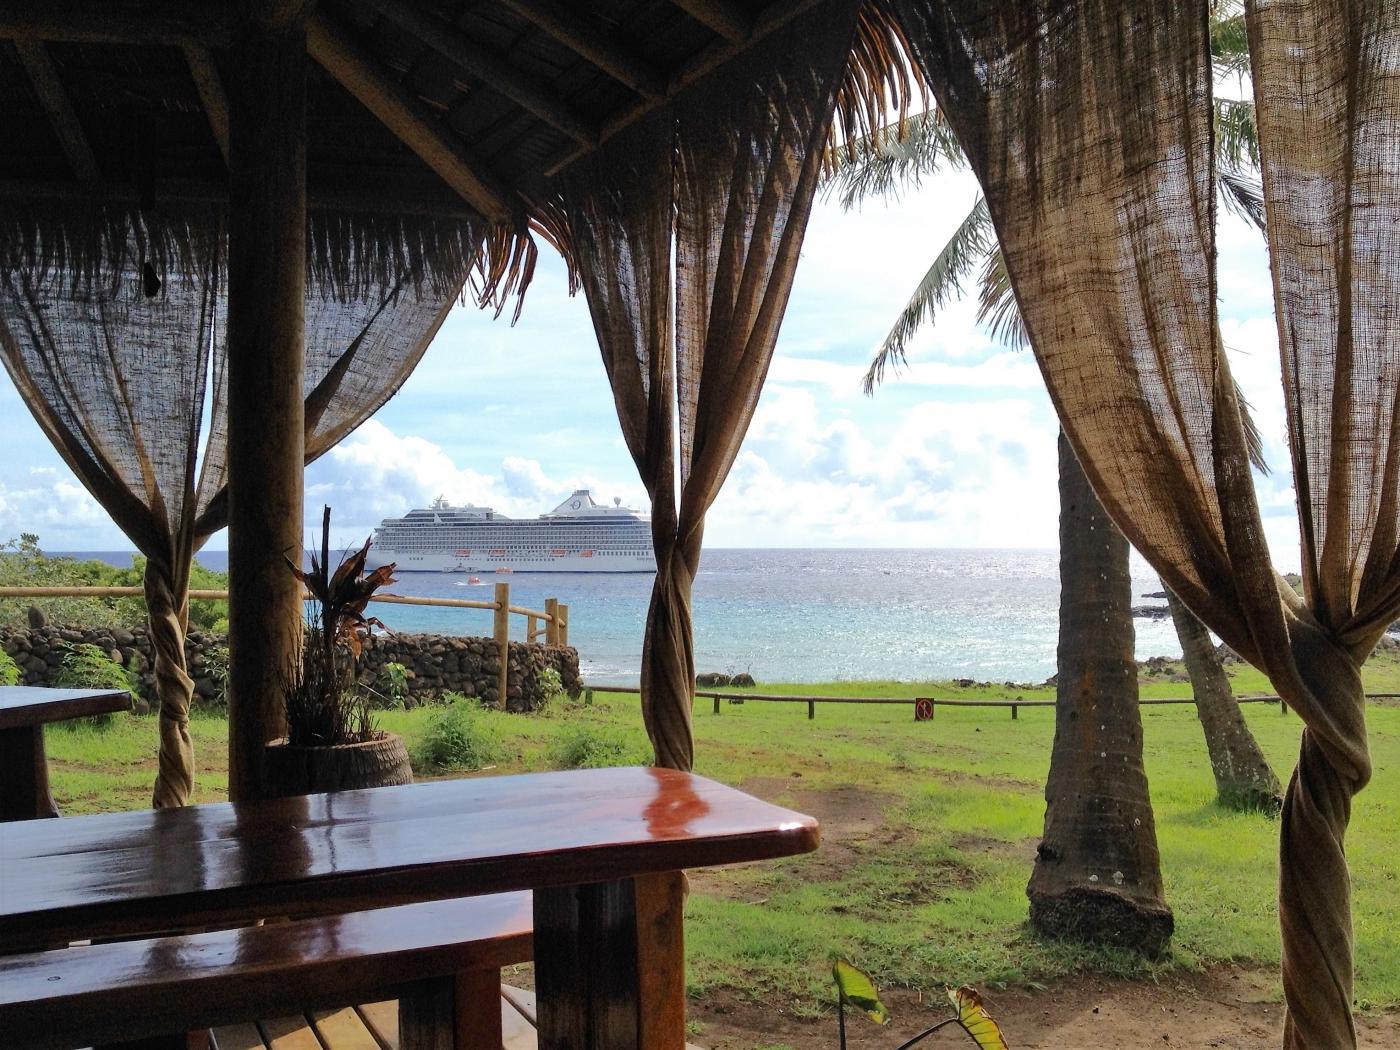 《我行故我在》之《復活節島:南太平洋的神秘之地》_图1-20